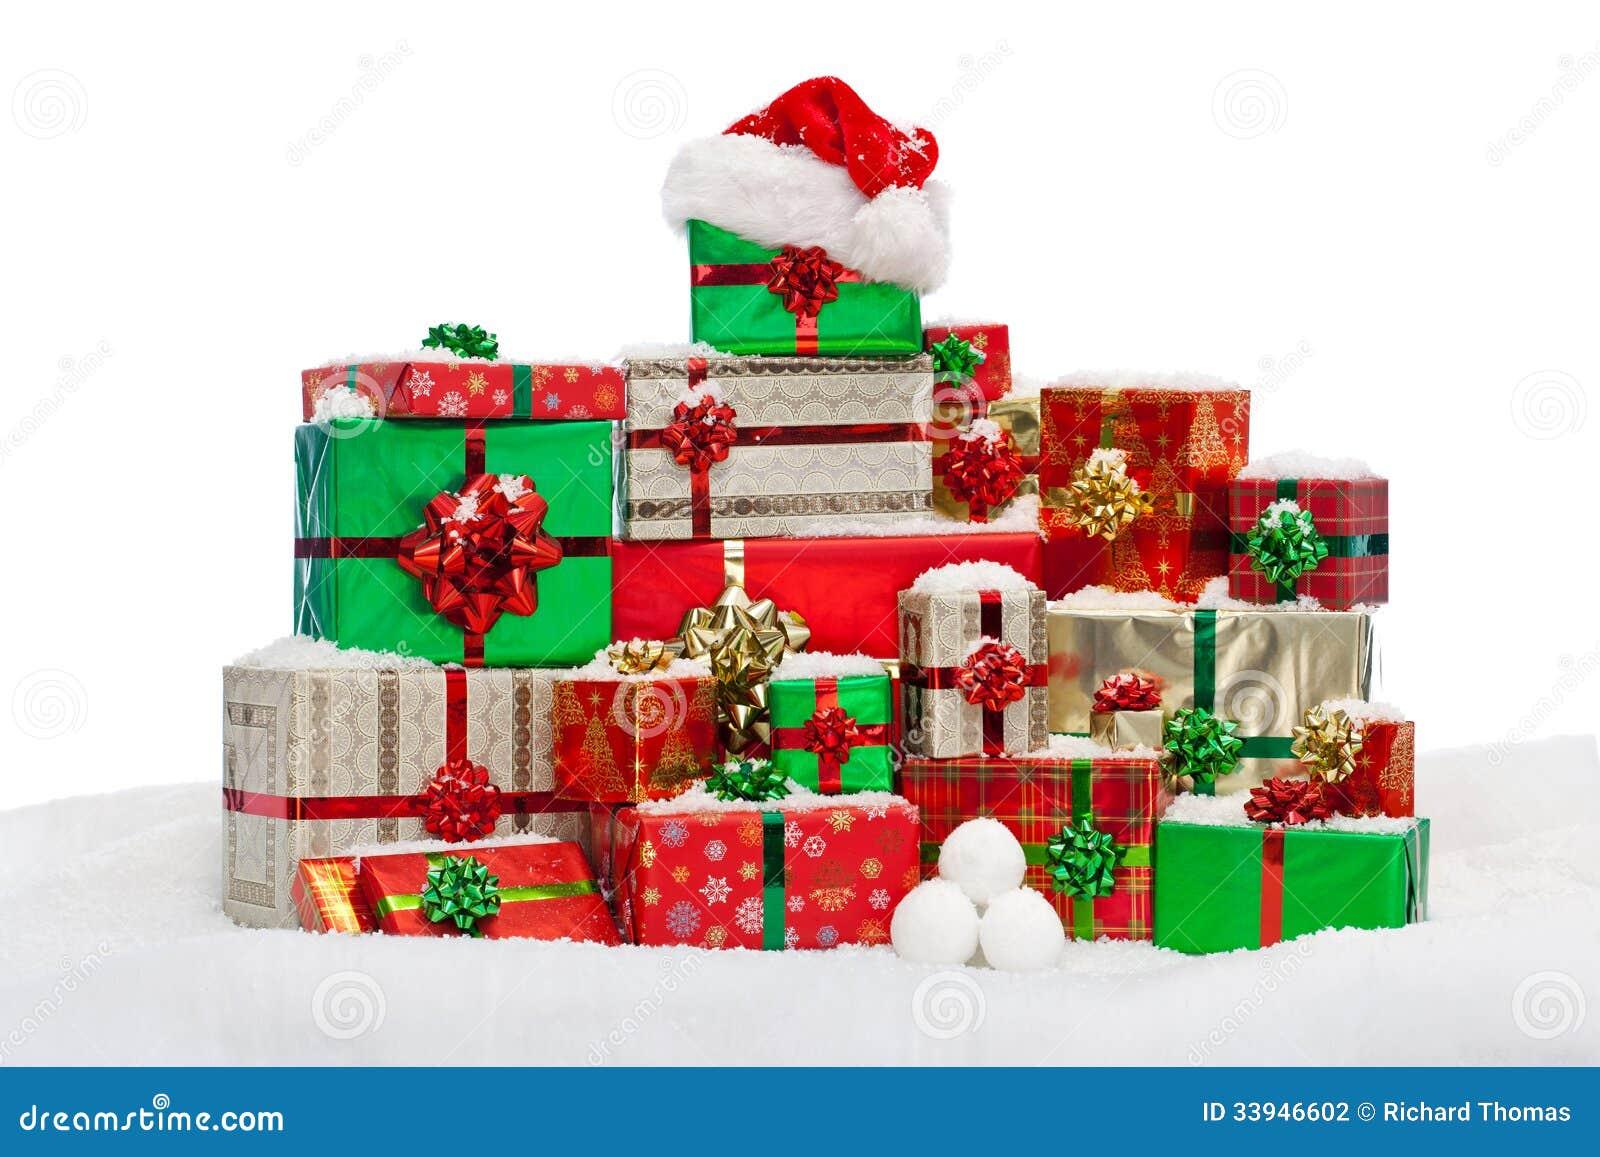 Pila de regalos de navidad envueltos regalo en nieve foto - Envolver regalos de navidad ...